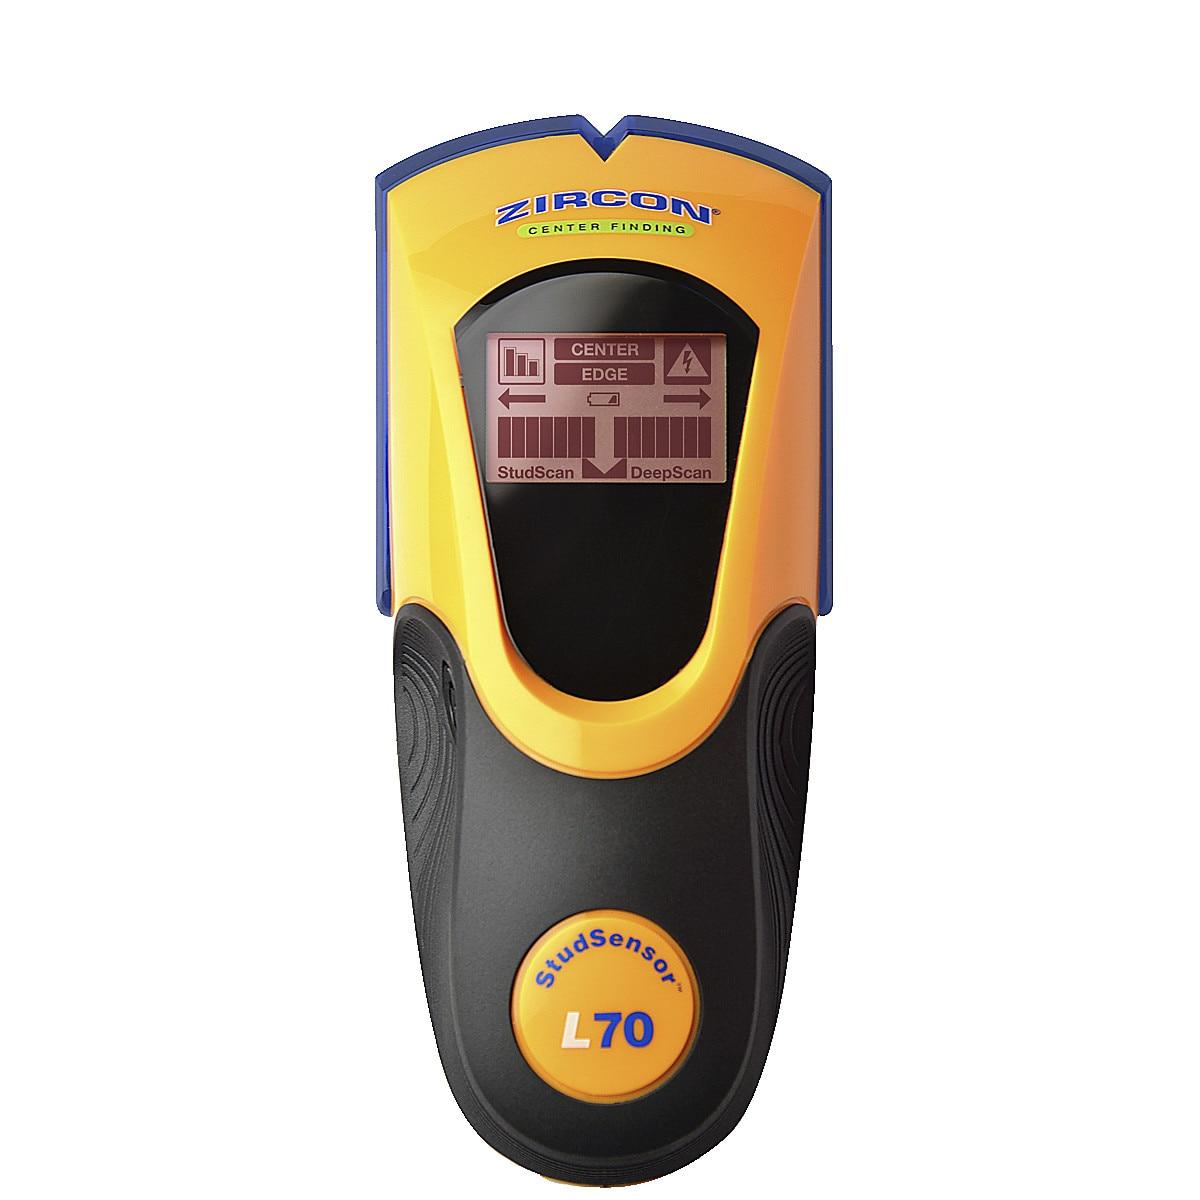 Regeldetektor Zircon L70 OneStep